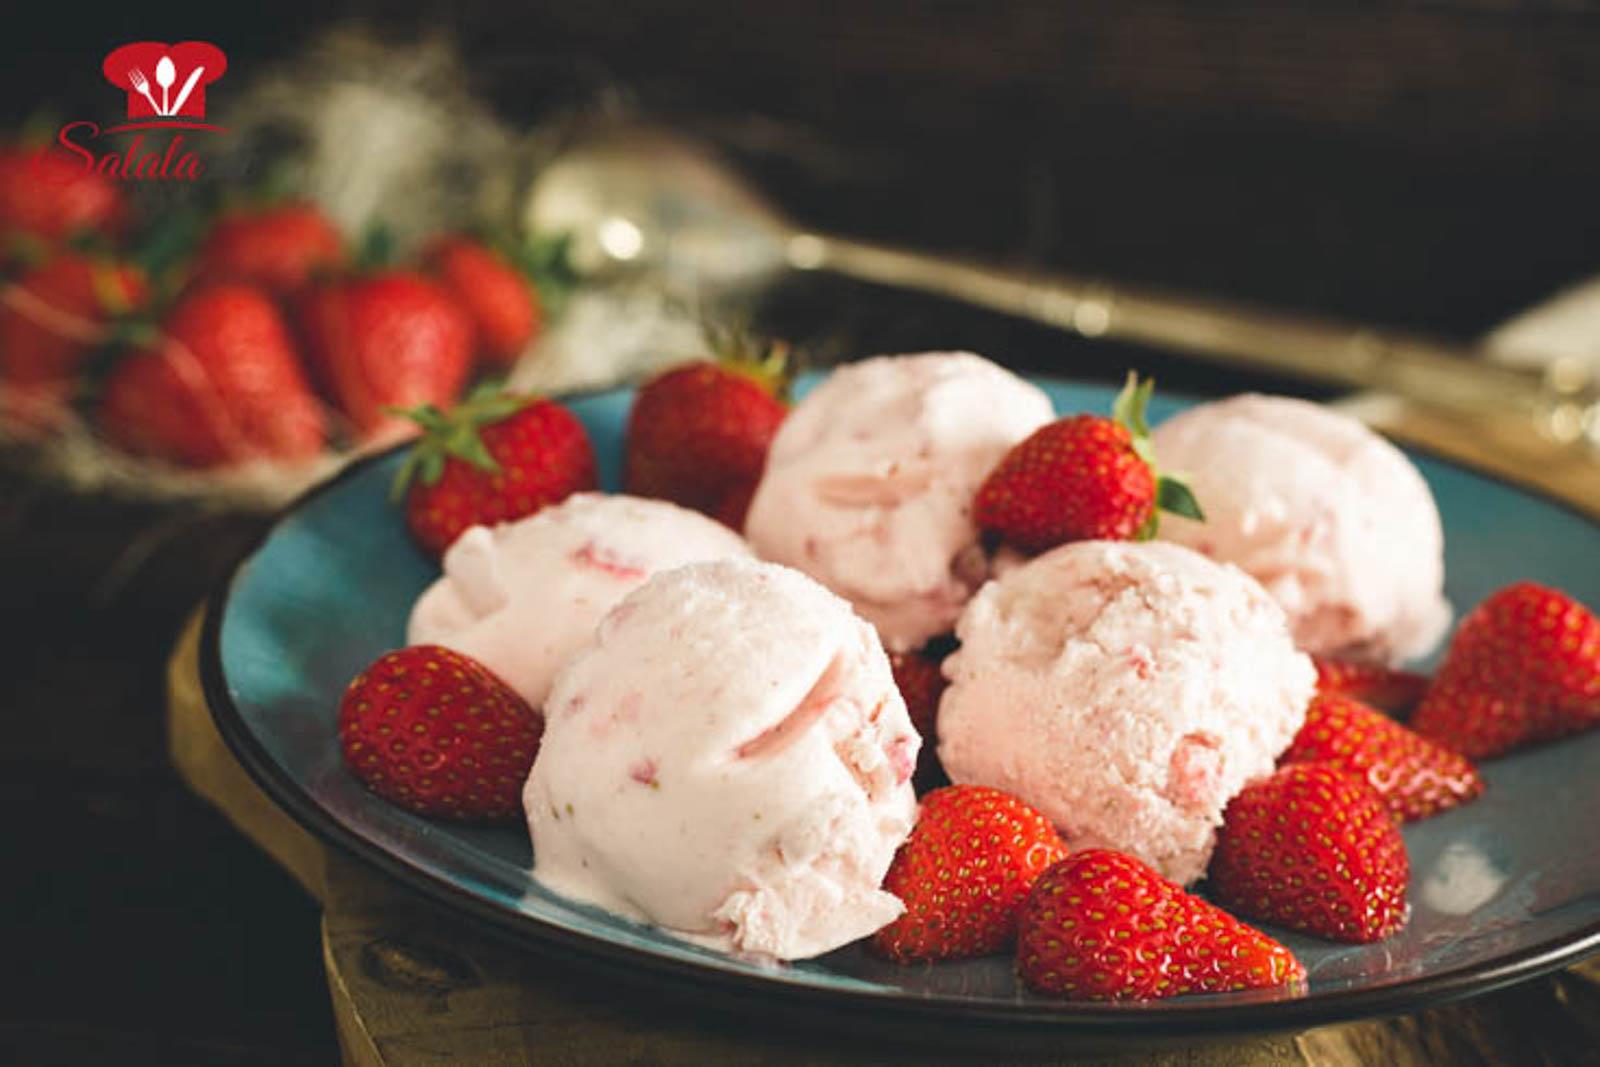 Cheesecake Eis klingt irgendwie falsch. Käsekuchen ist warm, Eis ist kalt. Aber glaub uns, Cheesecake Eis schmeckt saulecker, vorallem mit Erdbeeren. Dein nächste Arbeitsauftrag ist demnach, ab in die Küche, Eismaschine rausholen und zuckerfreies Erdbeer Cheesecake Eis machen. Ist nämlich total Low Carb und sogar voll Keto. Der Sommer ist gerettet. #CheesecakeEis #LowCarbCheesecakeEis #ErdbeerCheesecakeEis #ZuckerfreiesEis #CheesecakeEisOhneZucker #EisOhneZucker